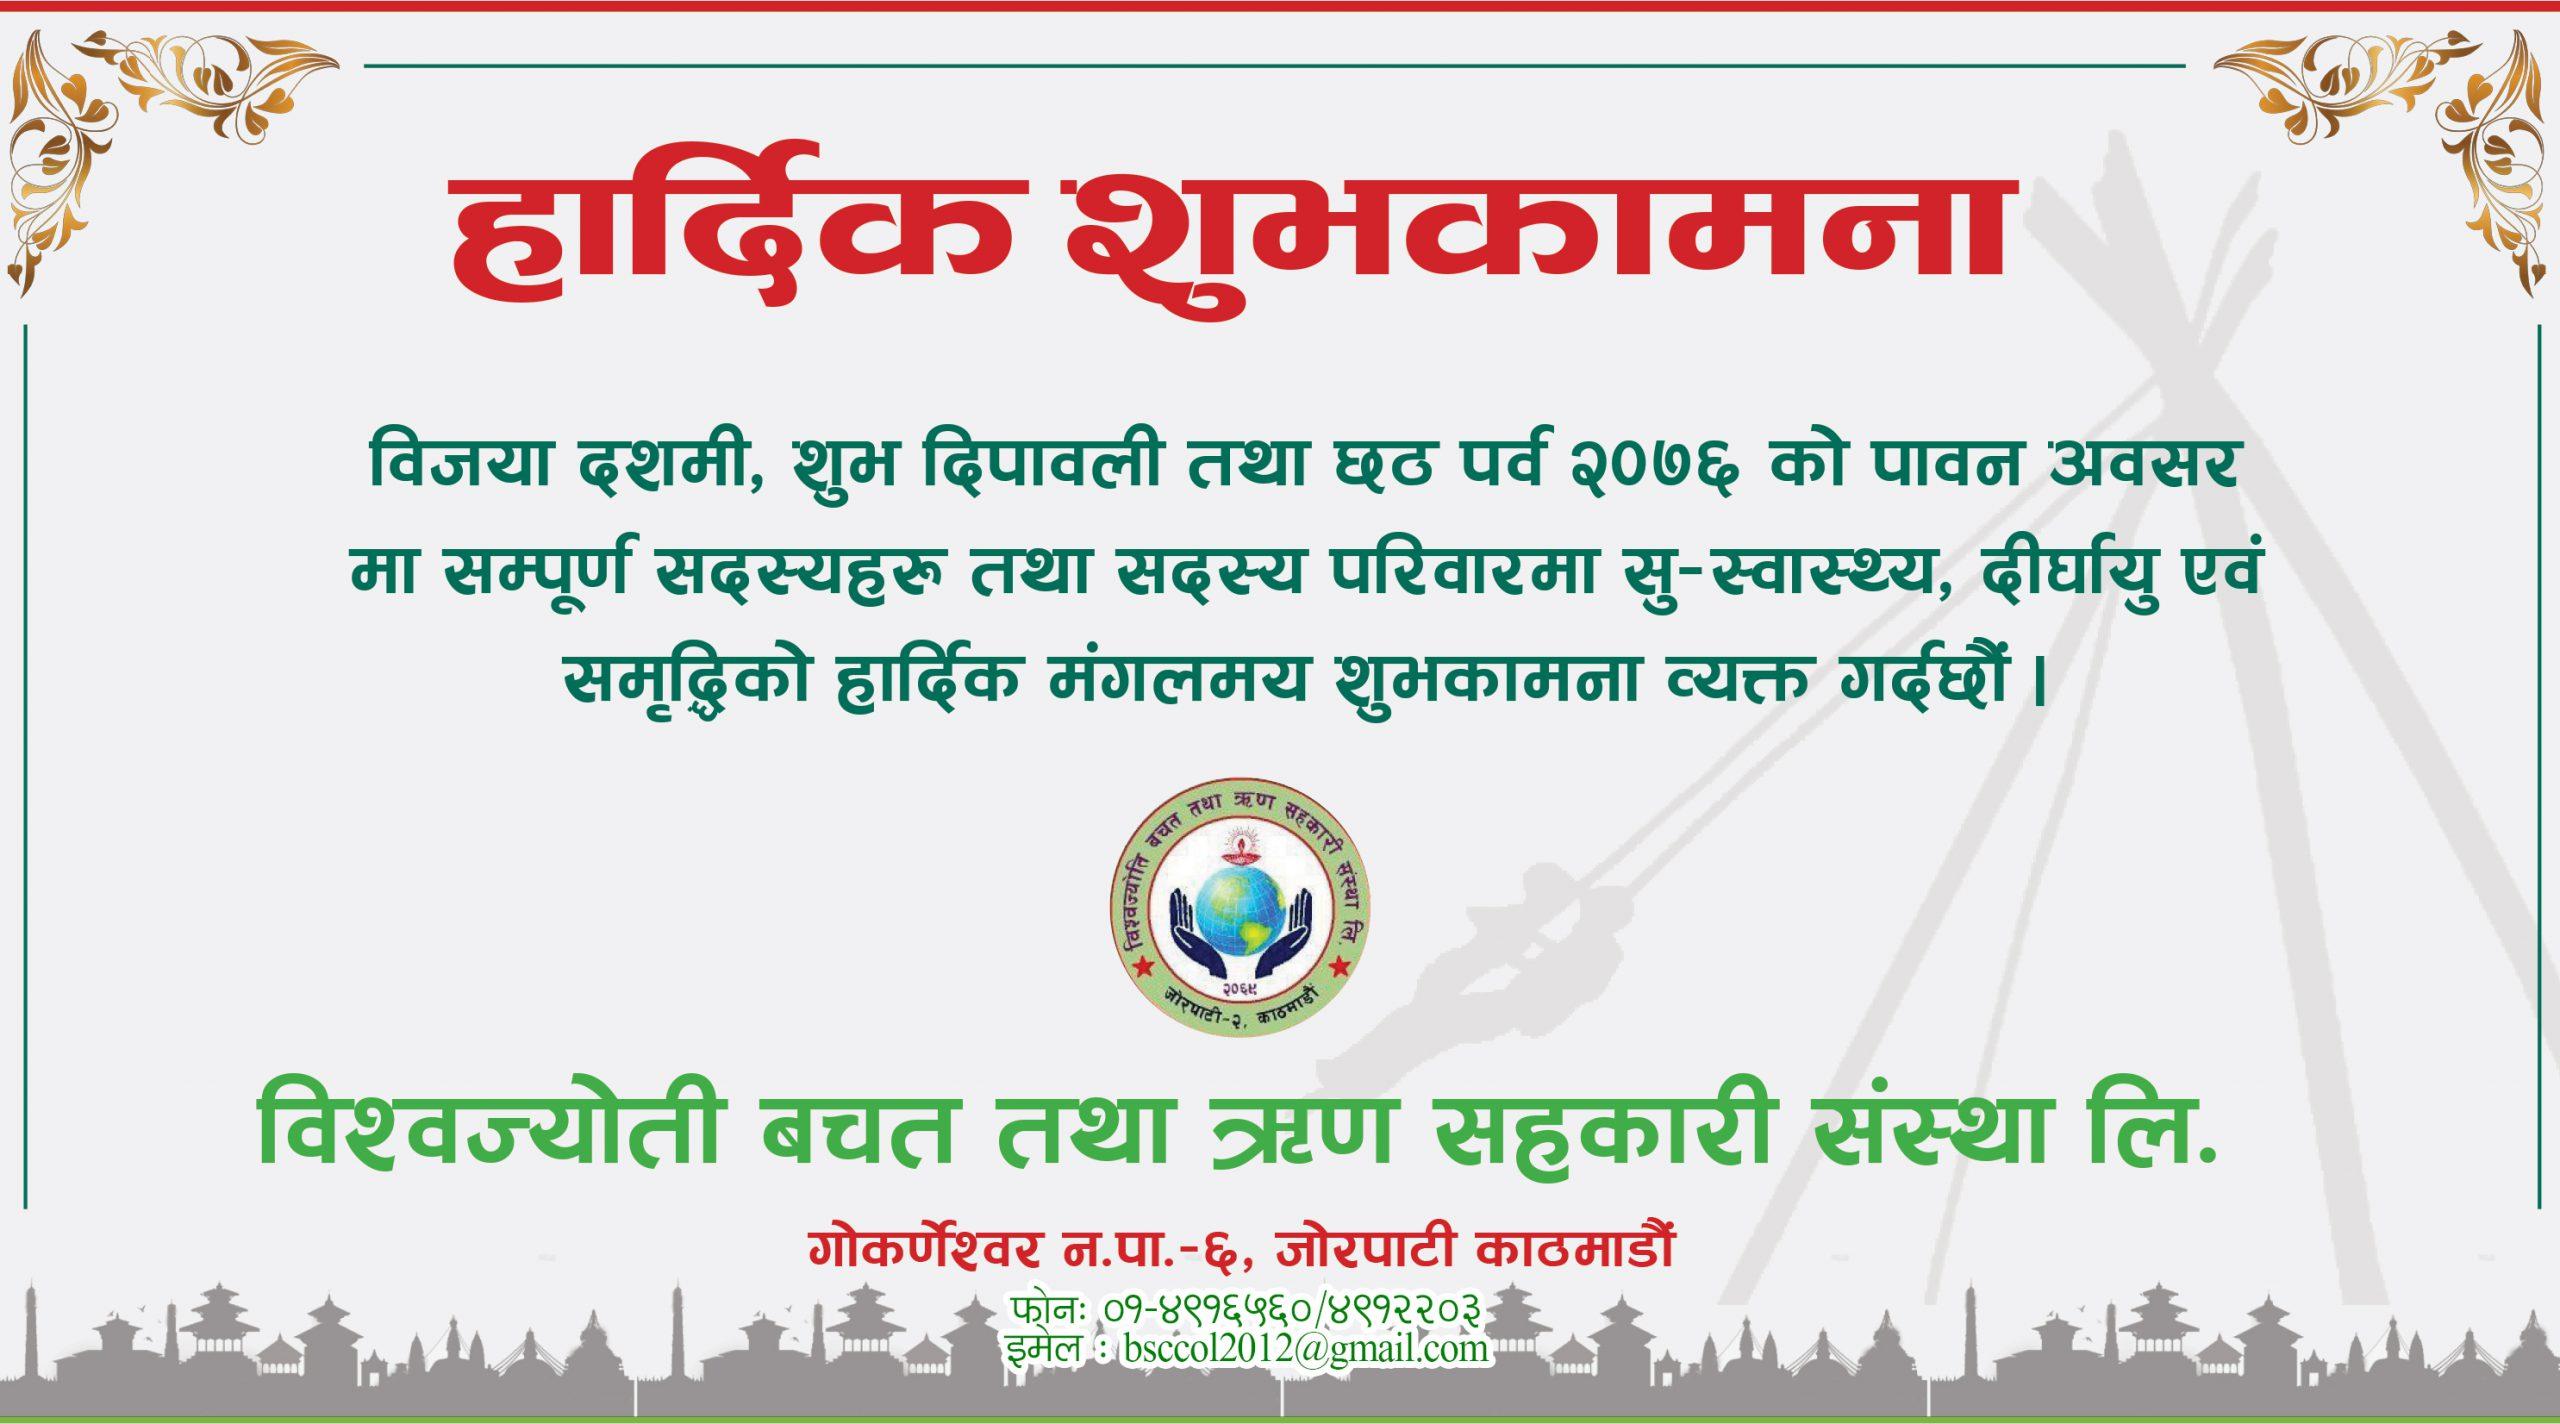 Happy Dashain 2076 : Bishwojyoti saccos